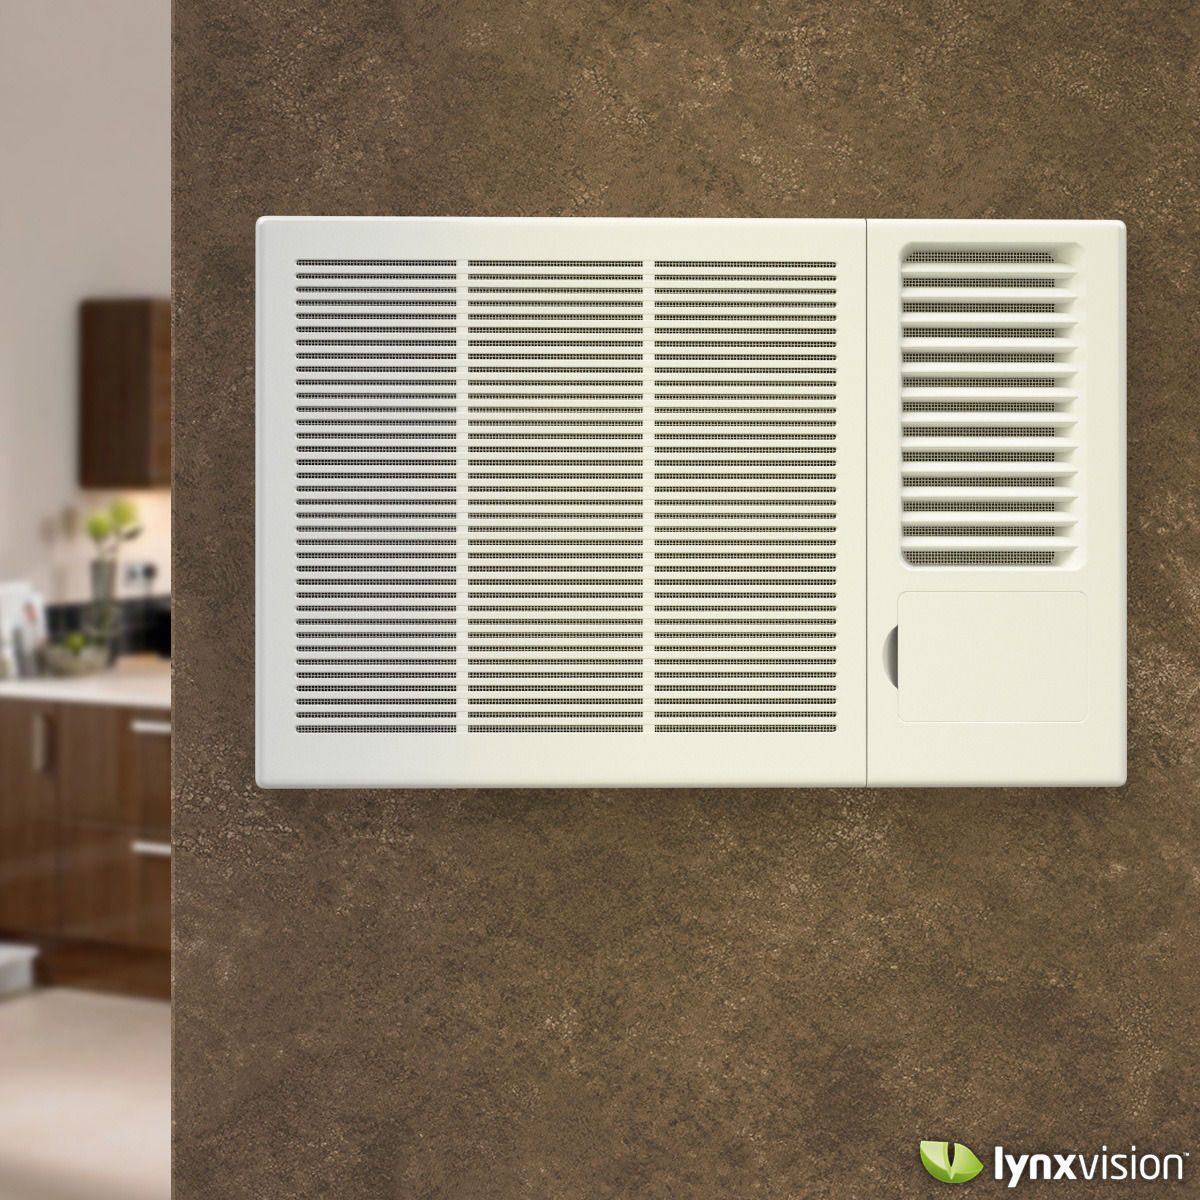 Window Air Conditioner 3D Model MAX OBJ FBX C4D LWO LW LWS LXO LXL  #7F9D2E